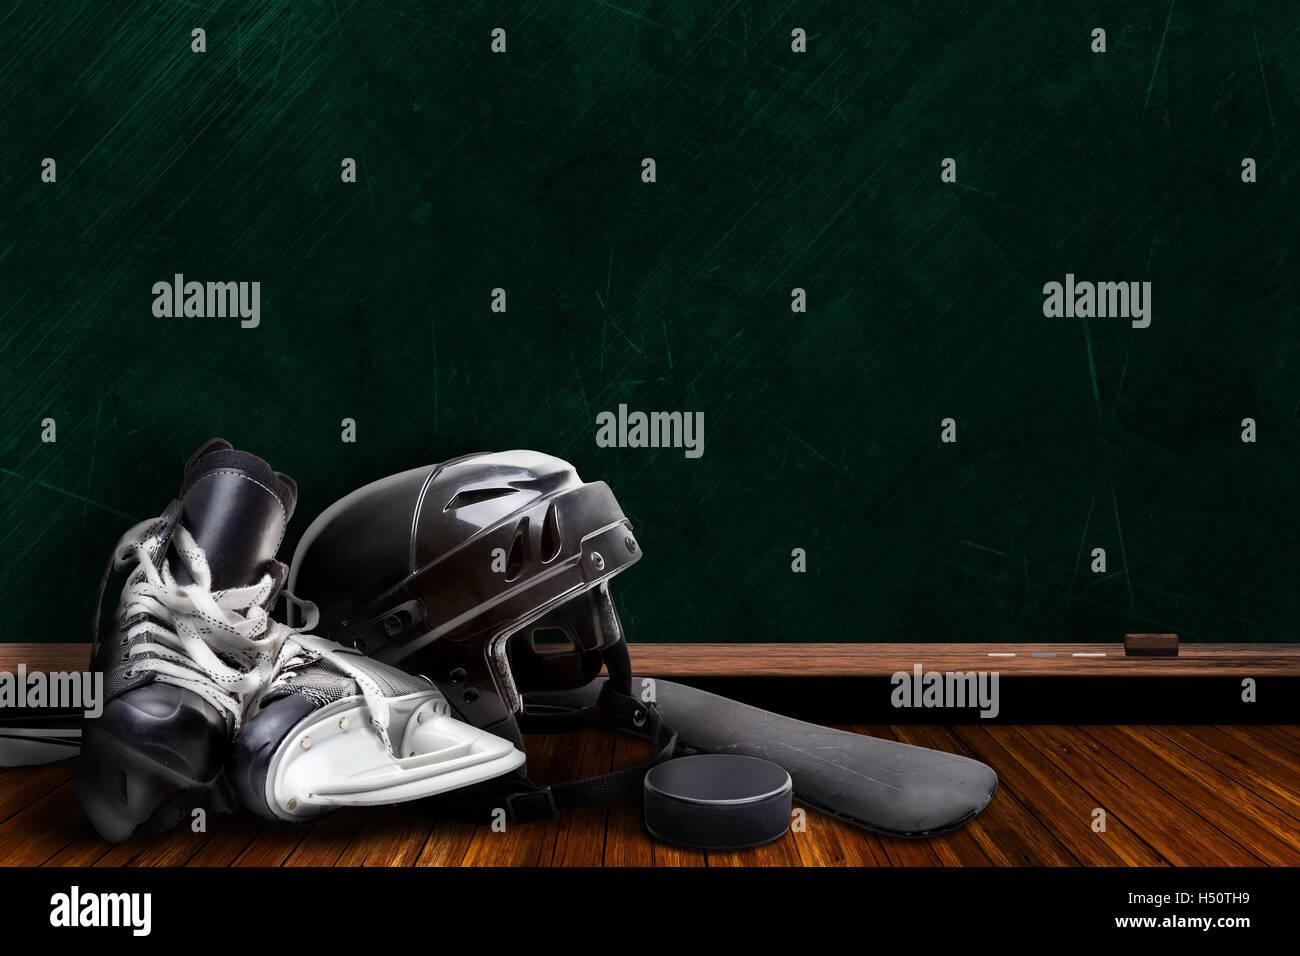 El equipo de hockey sobre hielo compuesto de patines, casco, stick y el puck con pizarra de fondo copia el espacio. Imagen De Stock